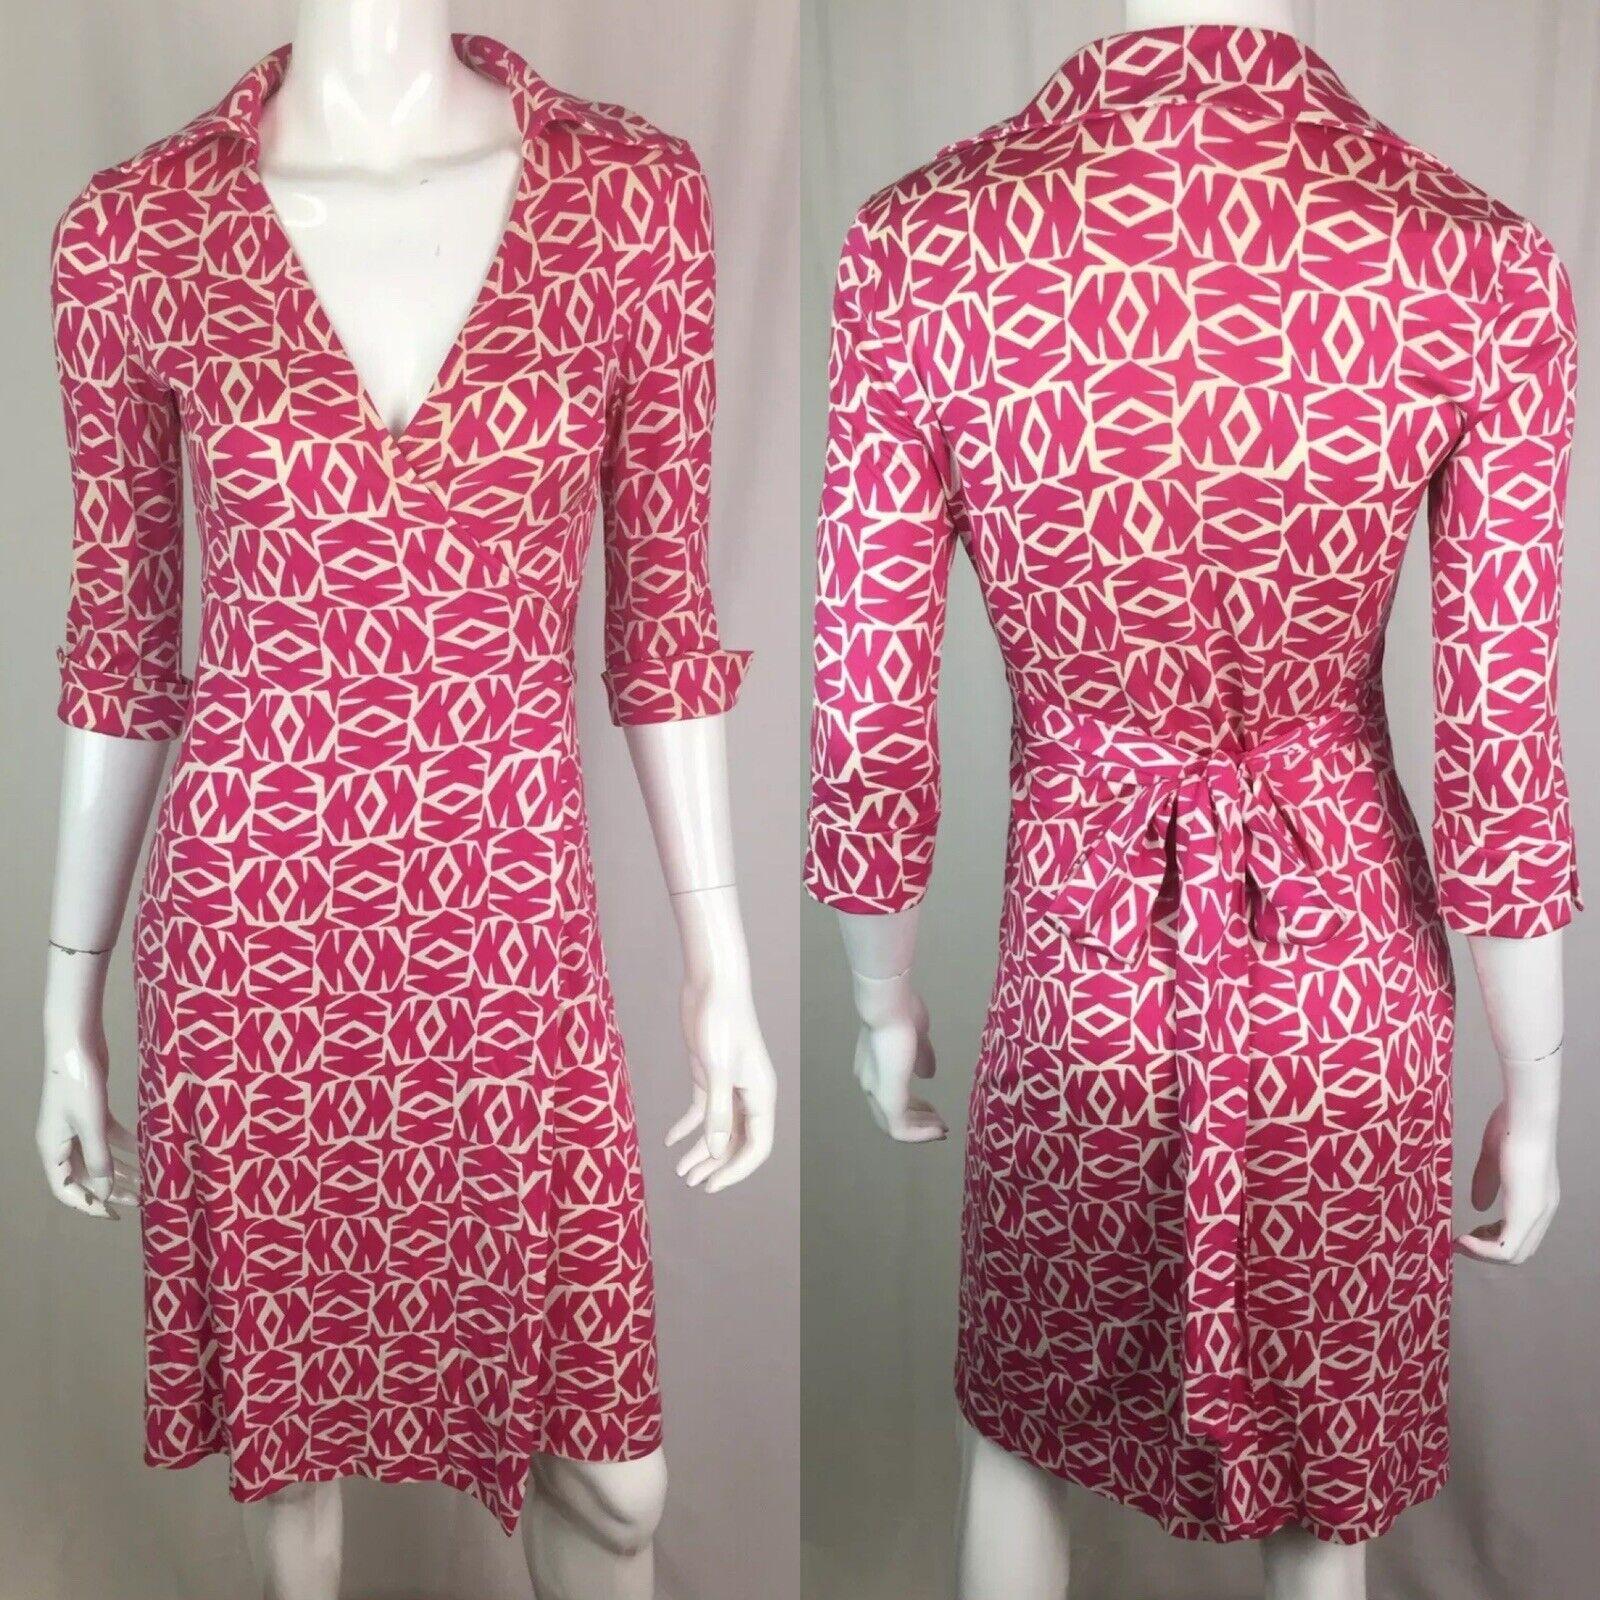 425 Diane Von Furstenberg Vintage 4 Soie Rose Jersey à hommeches 3 4 Robe Portefeuille DVF